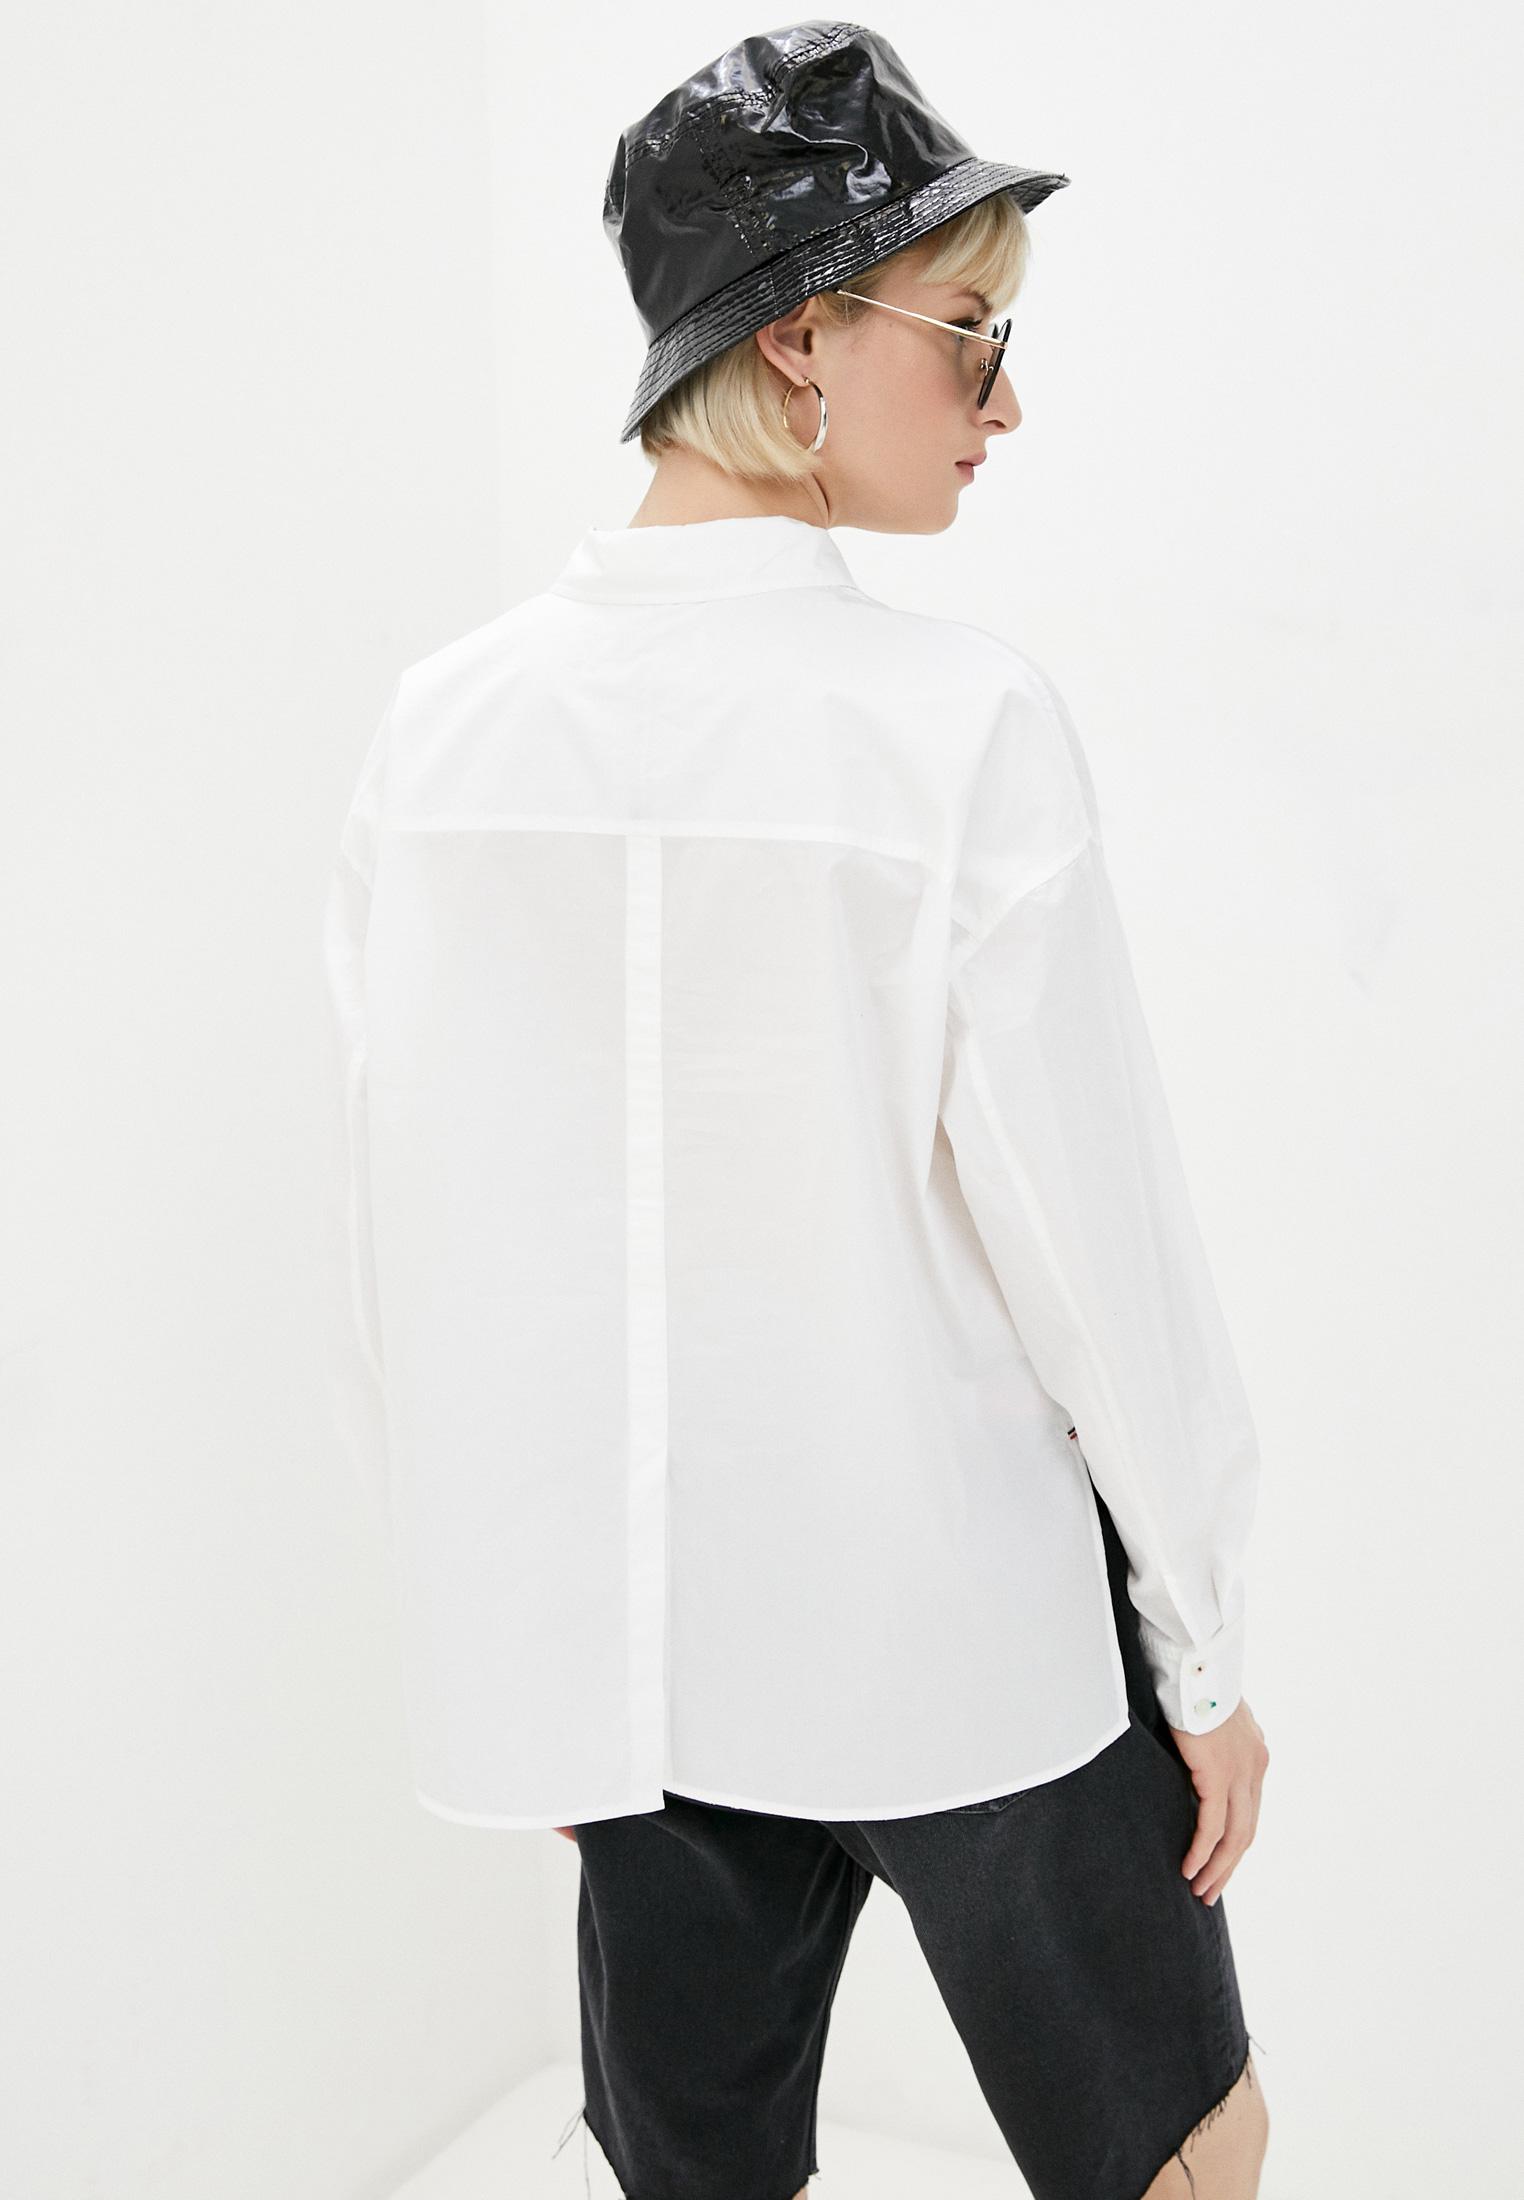 Женские рубашки с длинным рукавом Tommy Hilfiger (Томми Хилфигер) WW0WW30302: изображение 3